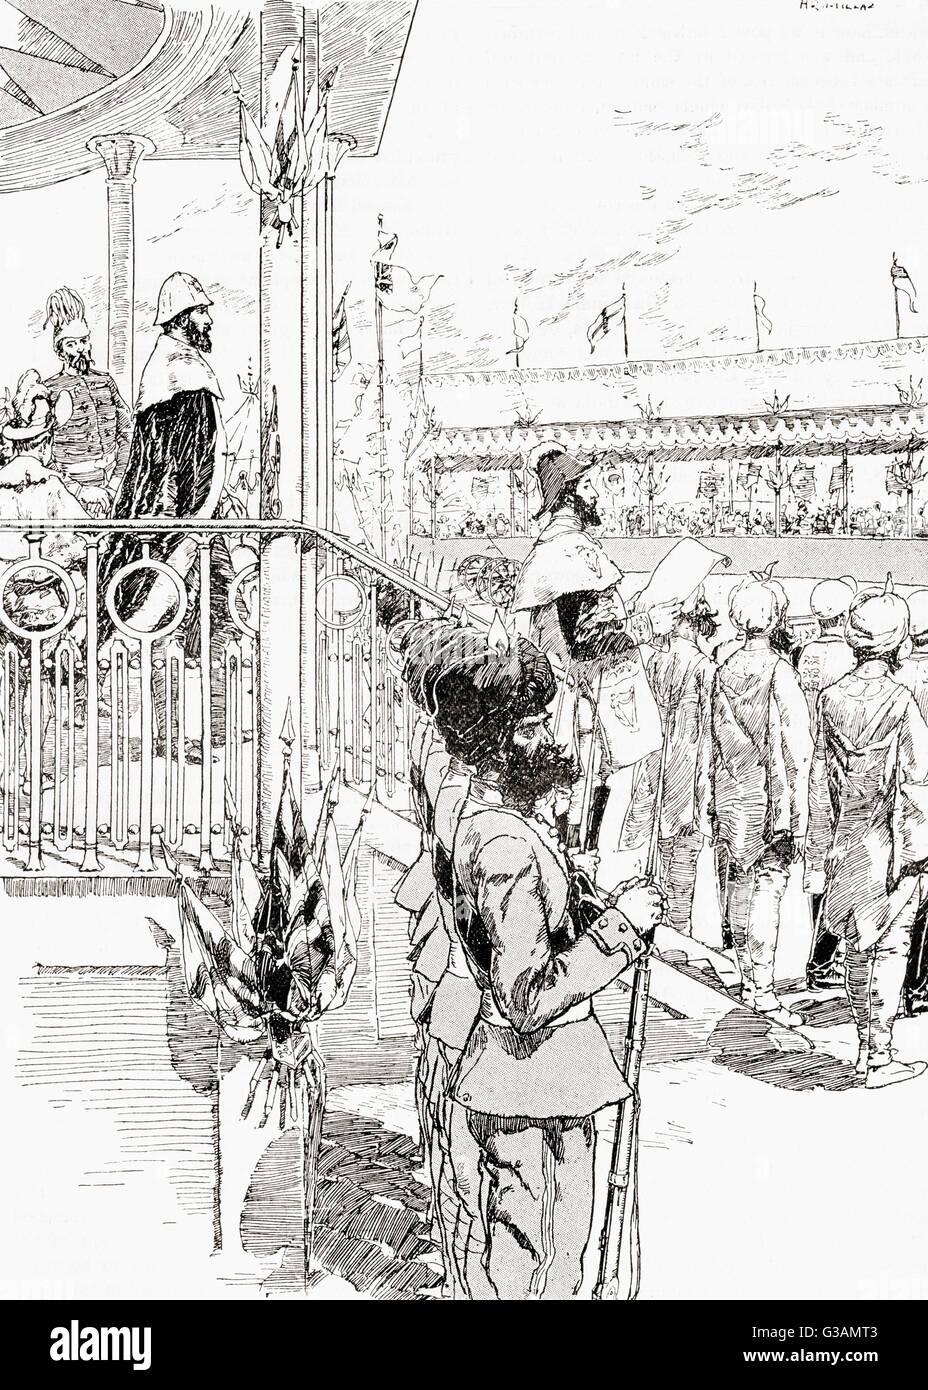 Le vice-roi de l'Inde, Robert Bulwer-Lytton, 1er comte de Lytton, la proclamation de la reine Victoria Impératrice de l'Inde, Delhi, Inde, 1877. Banque D'Images